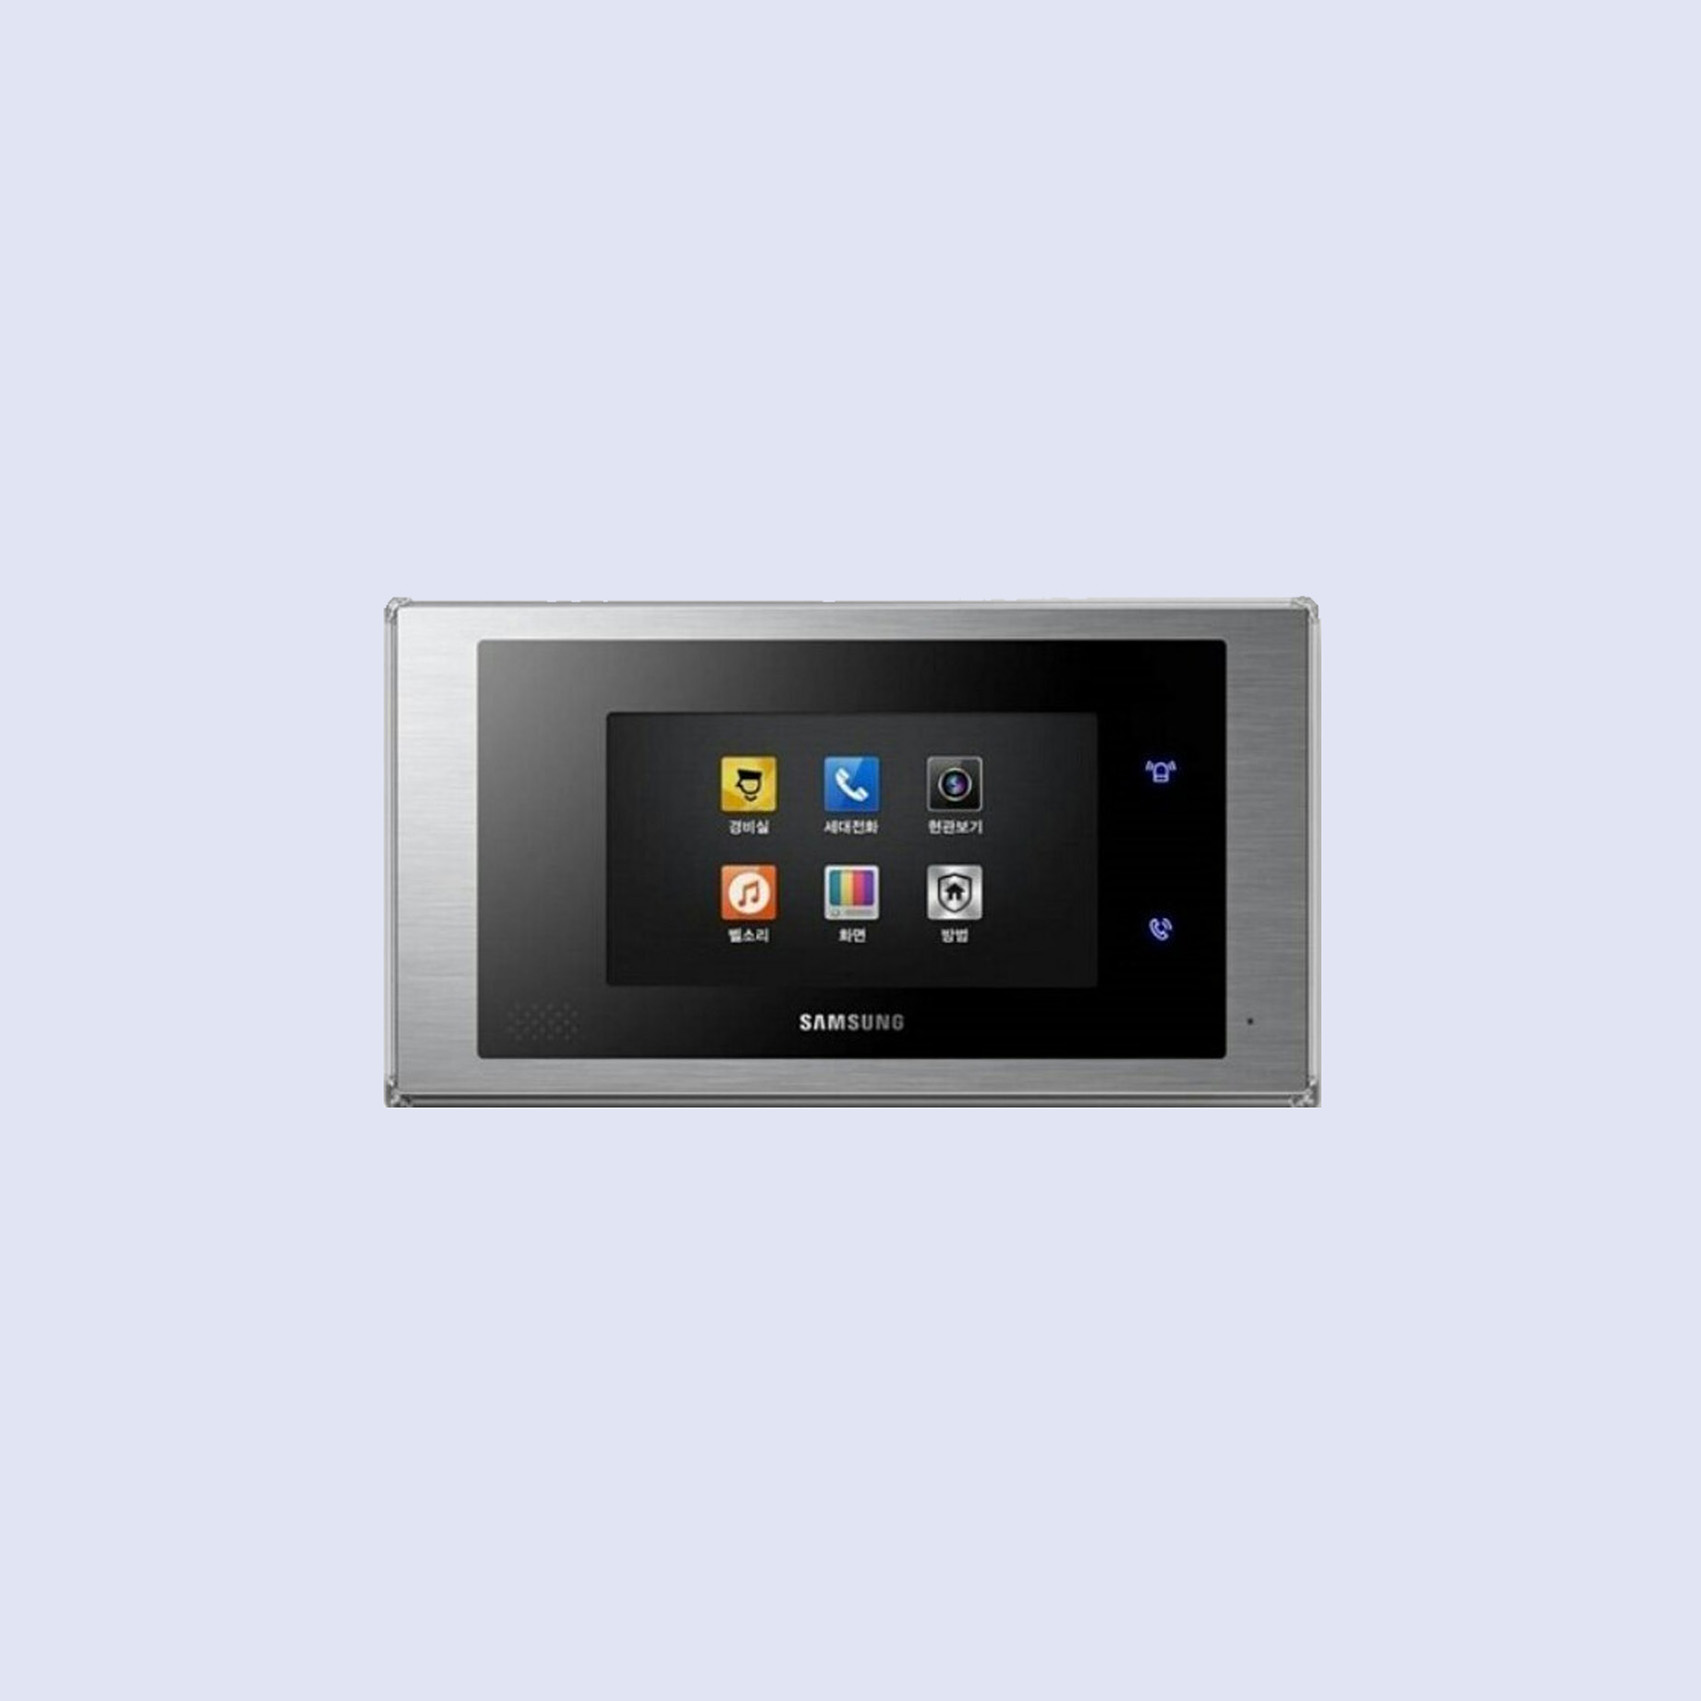 (삼성) SHT-3527 디지털 비디오폰, 인터폰